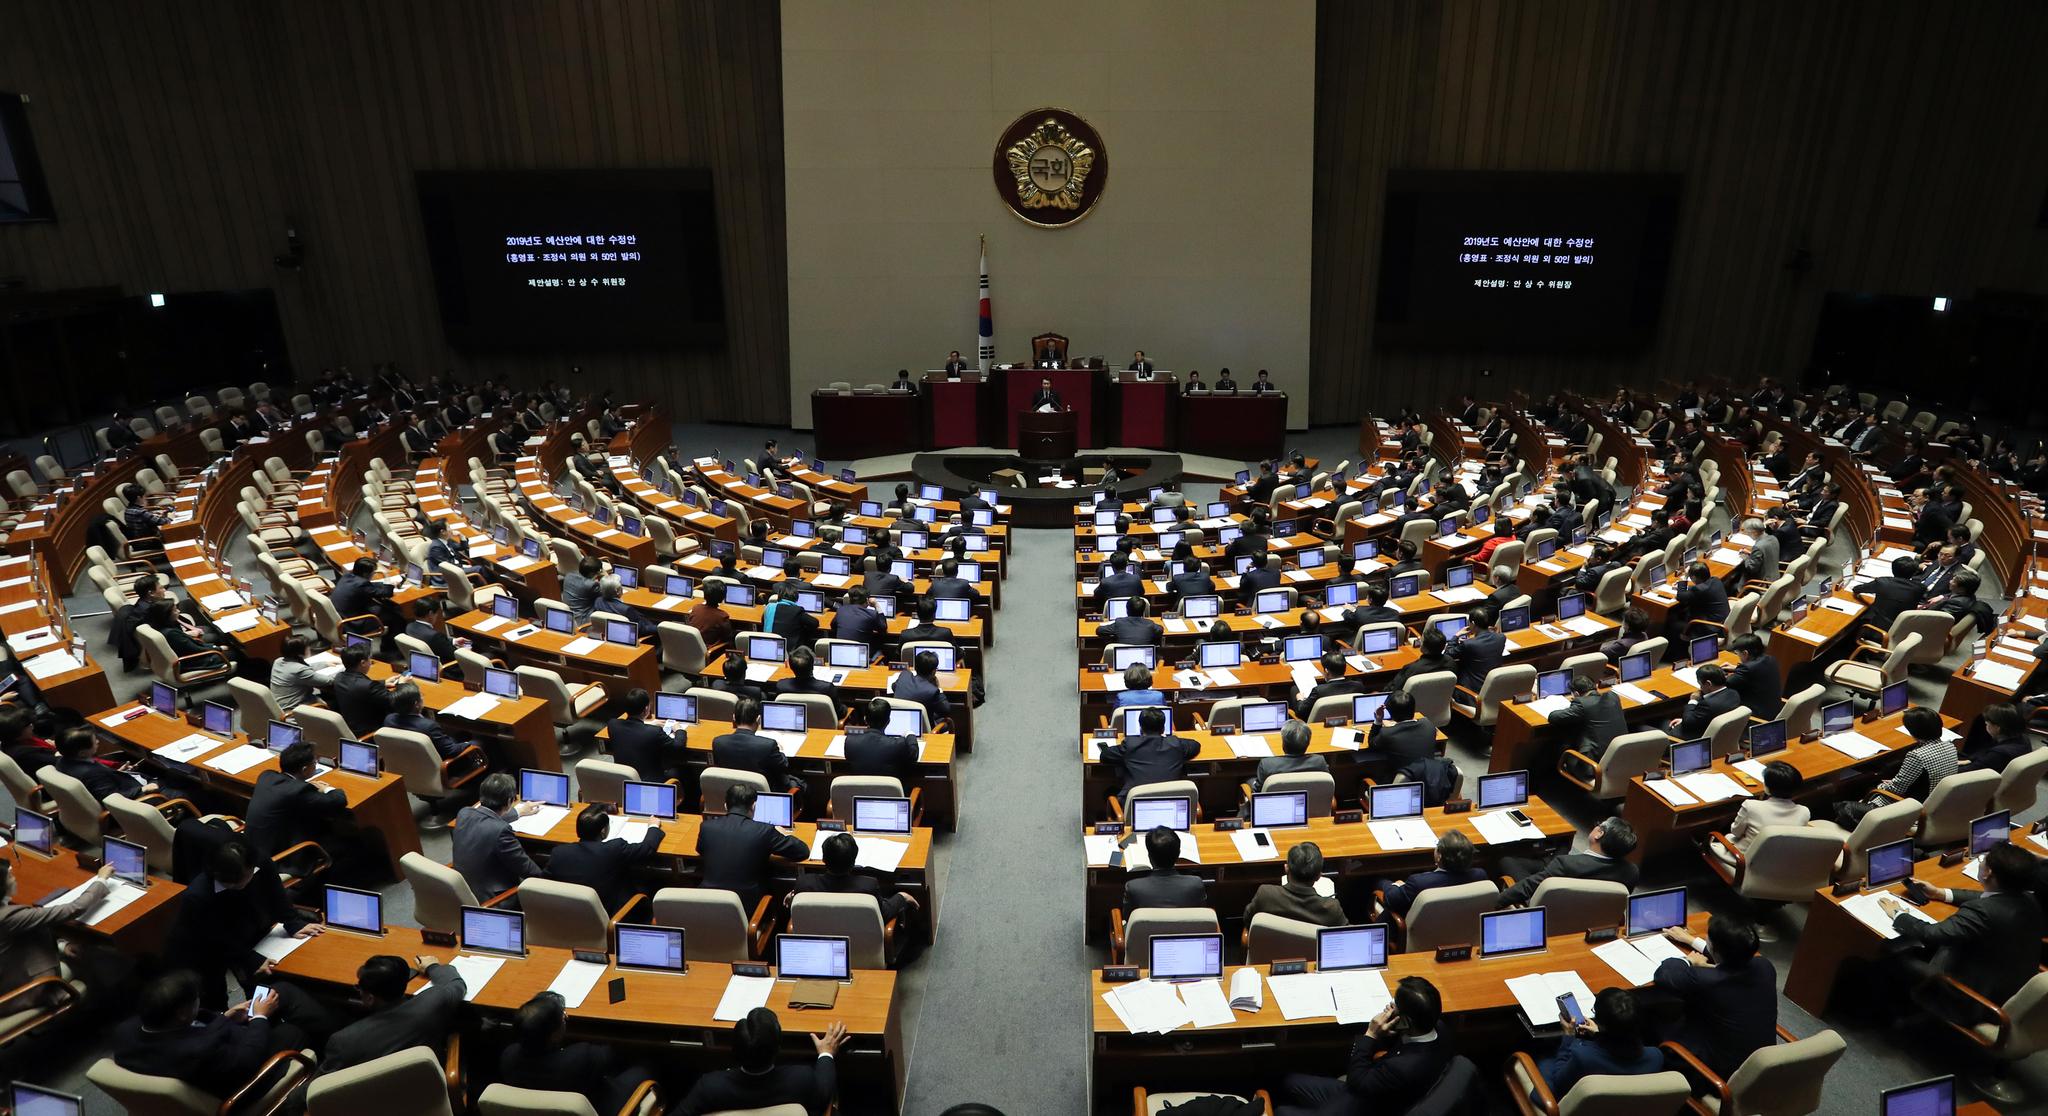 민주, 국회의원 연봉 인상분 사회환원 방안 논의키로